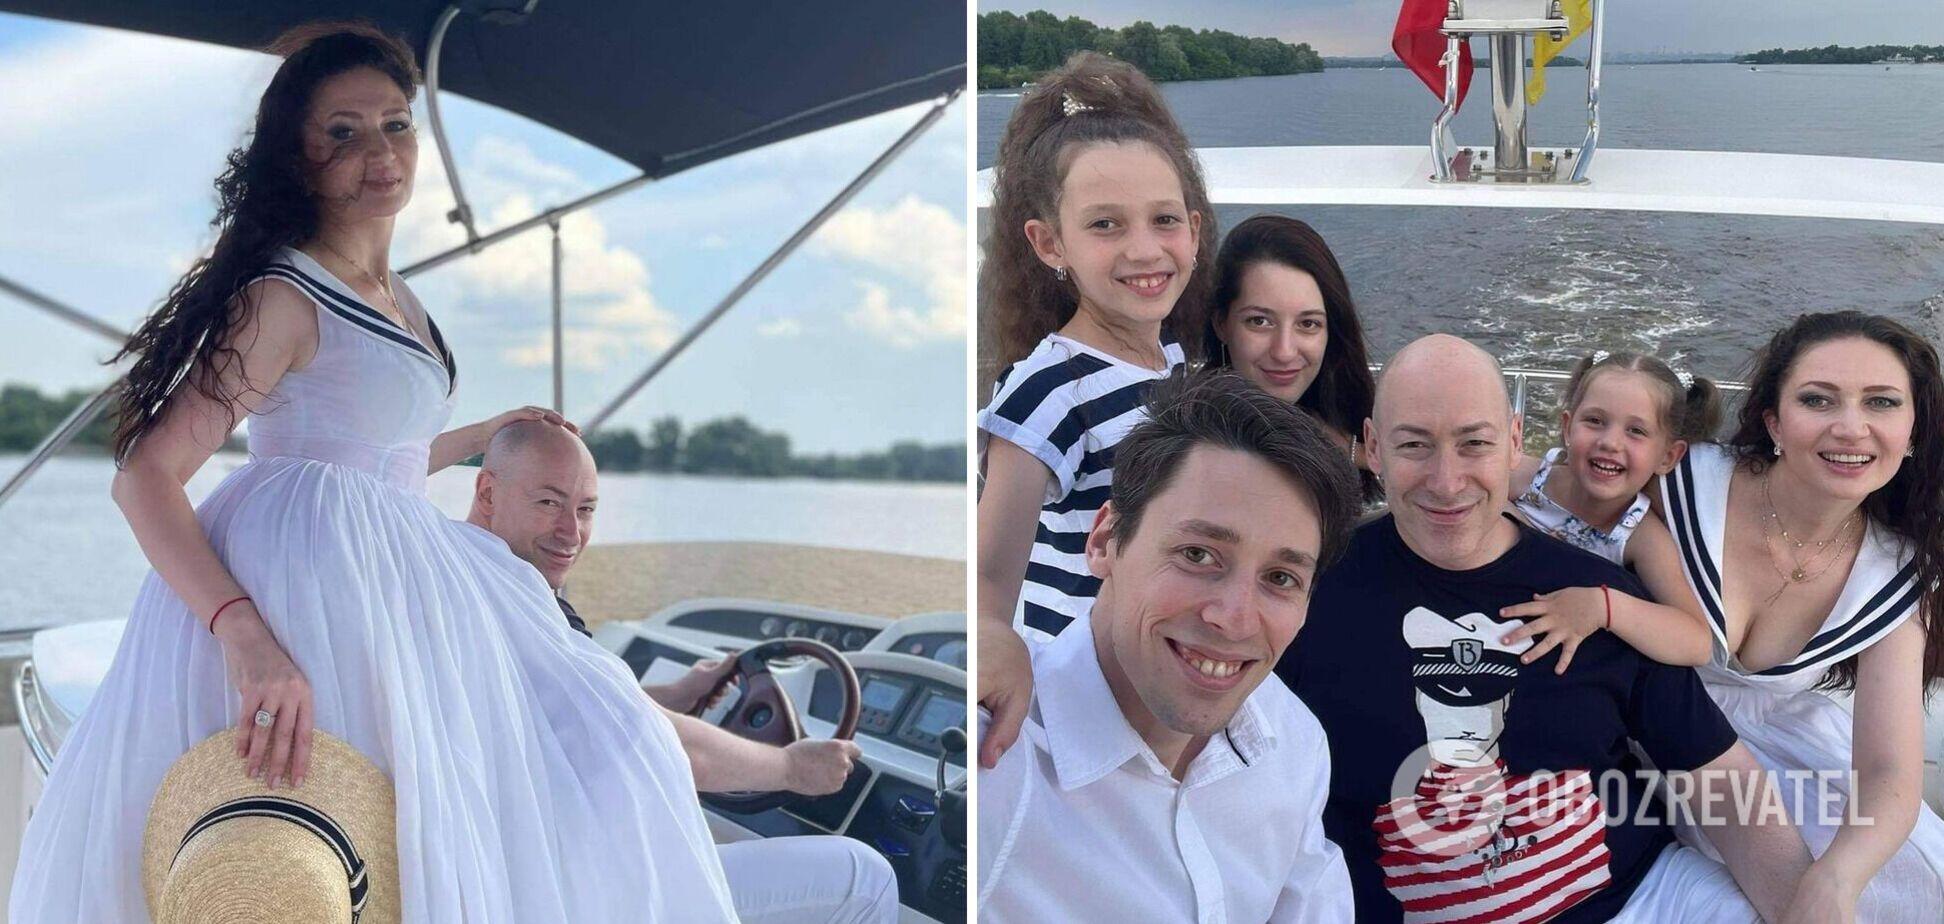 Дмитрий Гордон похвастался семейным фото на море с подросшими детьми